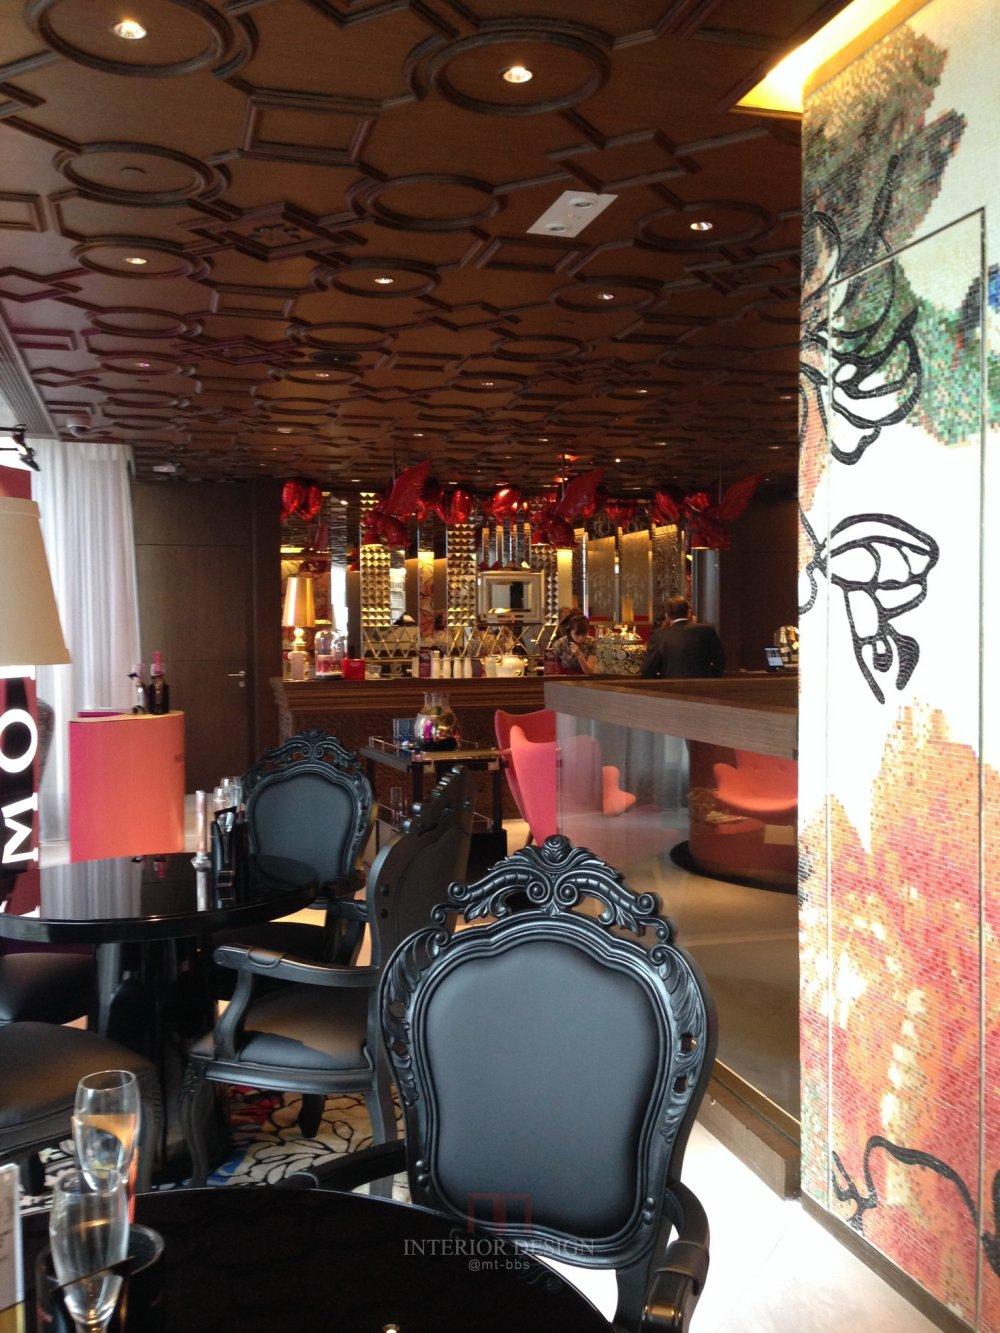 香港湾仔美丽华精品酒店Mira Moon Hotel  自拍分享_IMG_4140.JPG